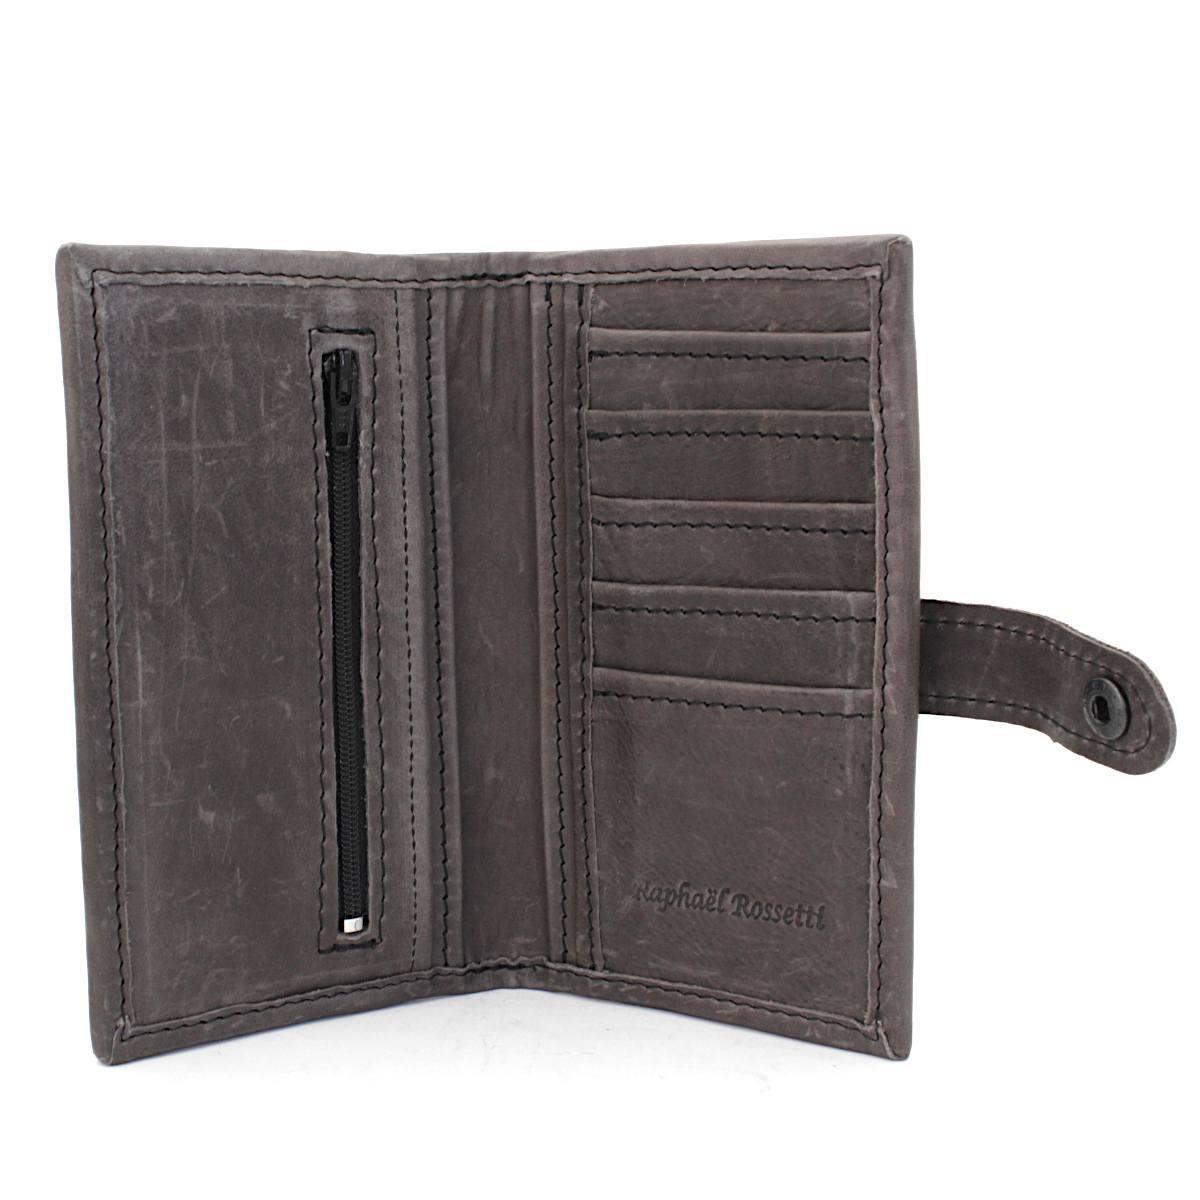 ръчно изработен кожен портфейл сив - вътре